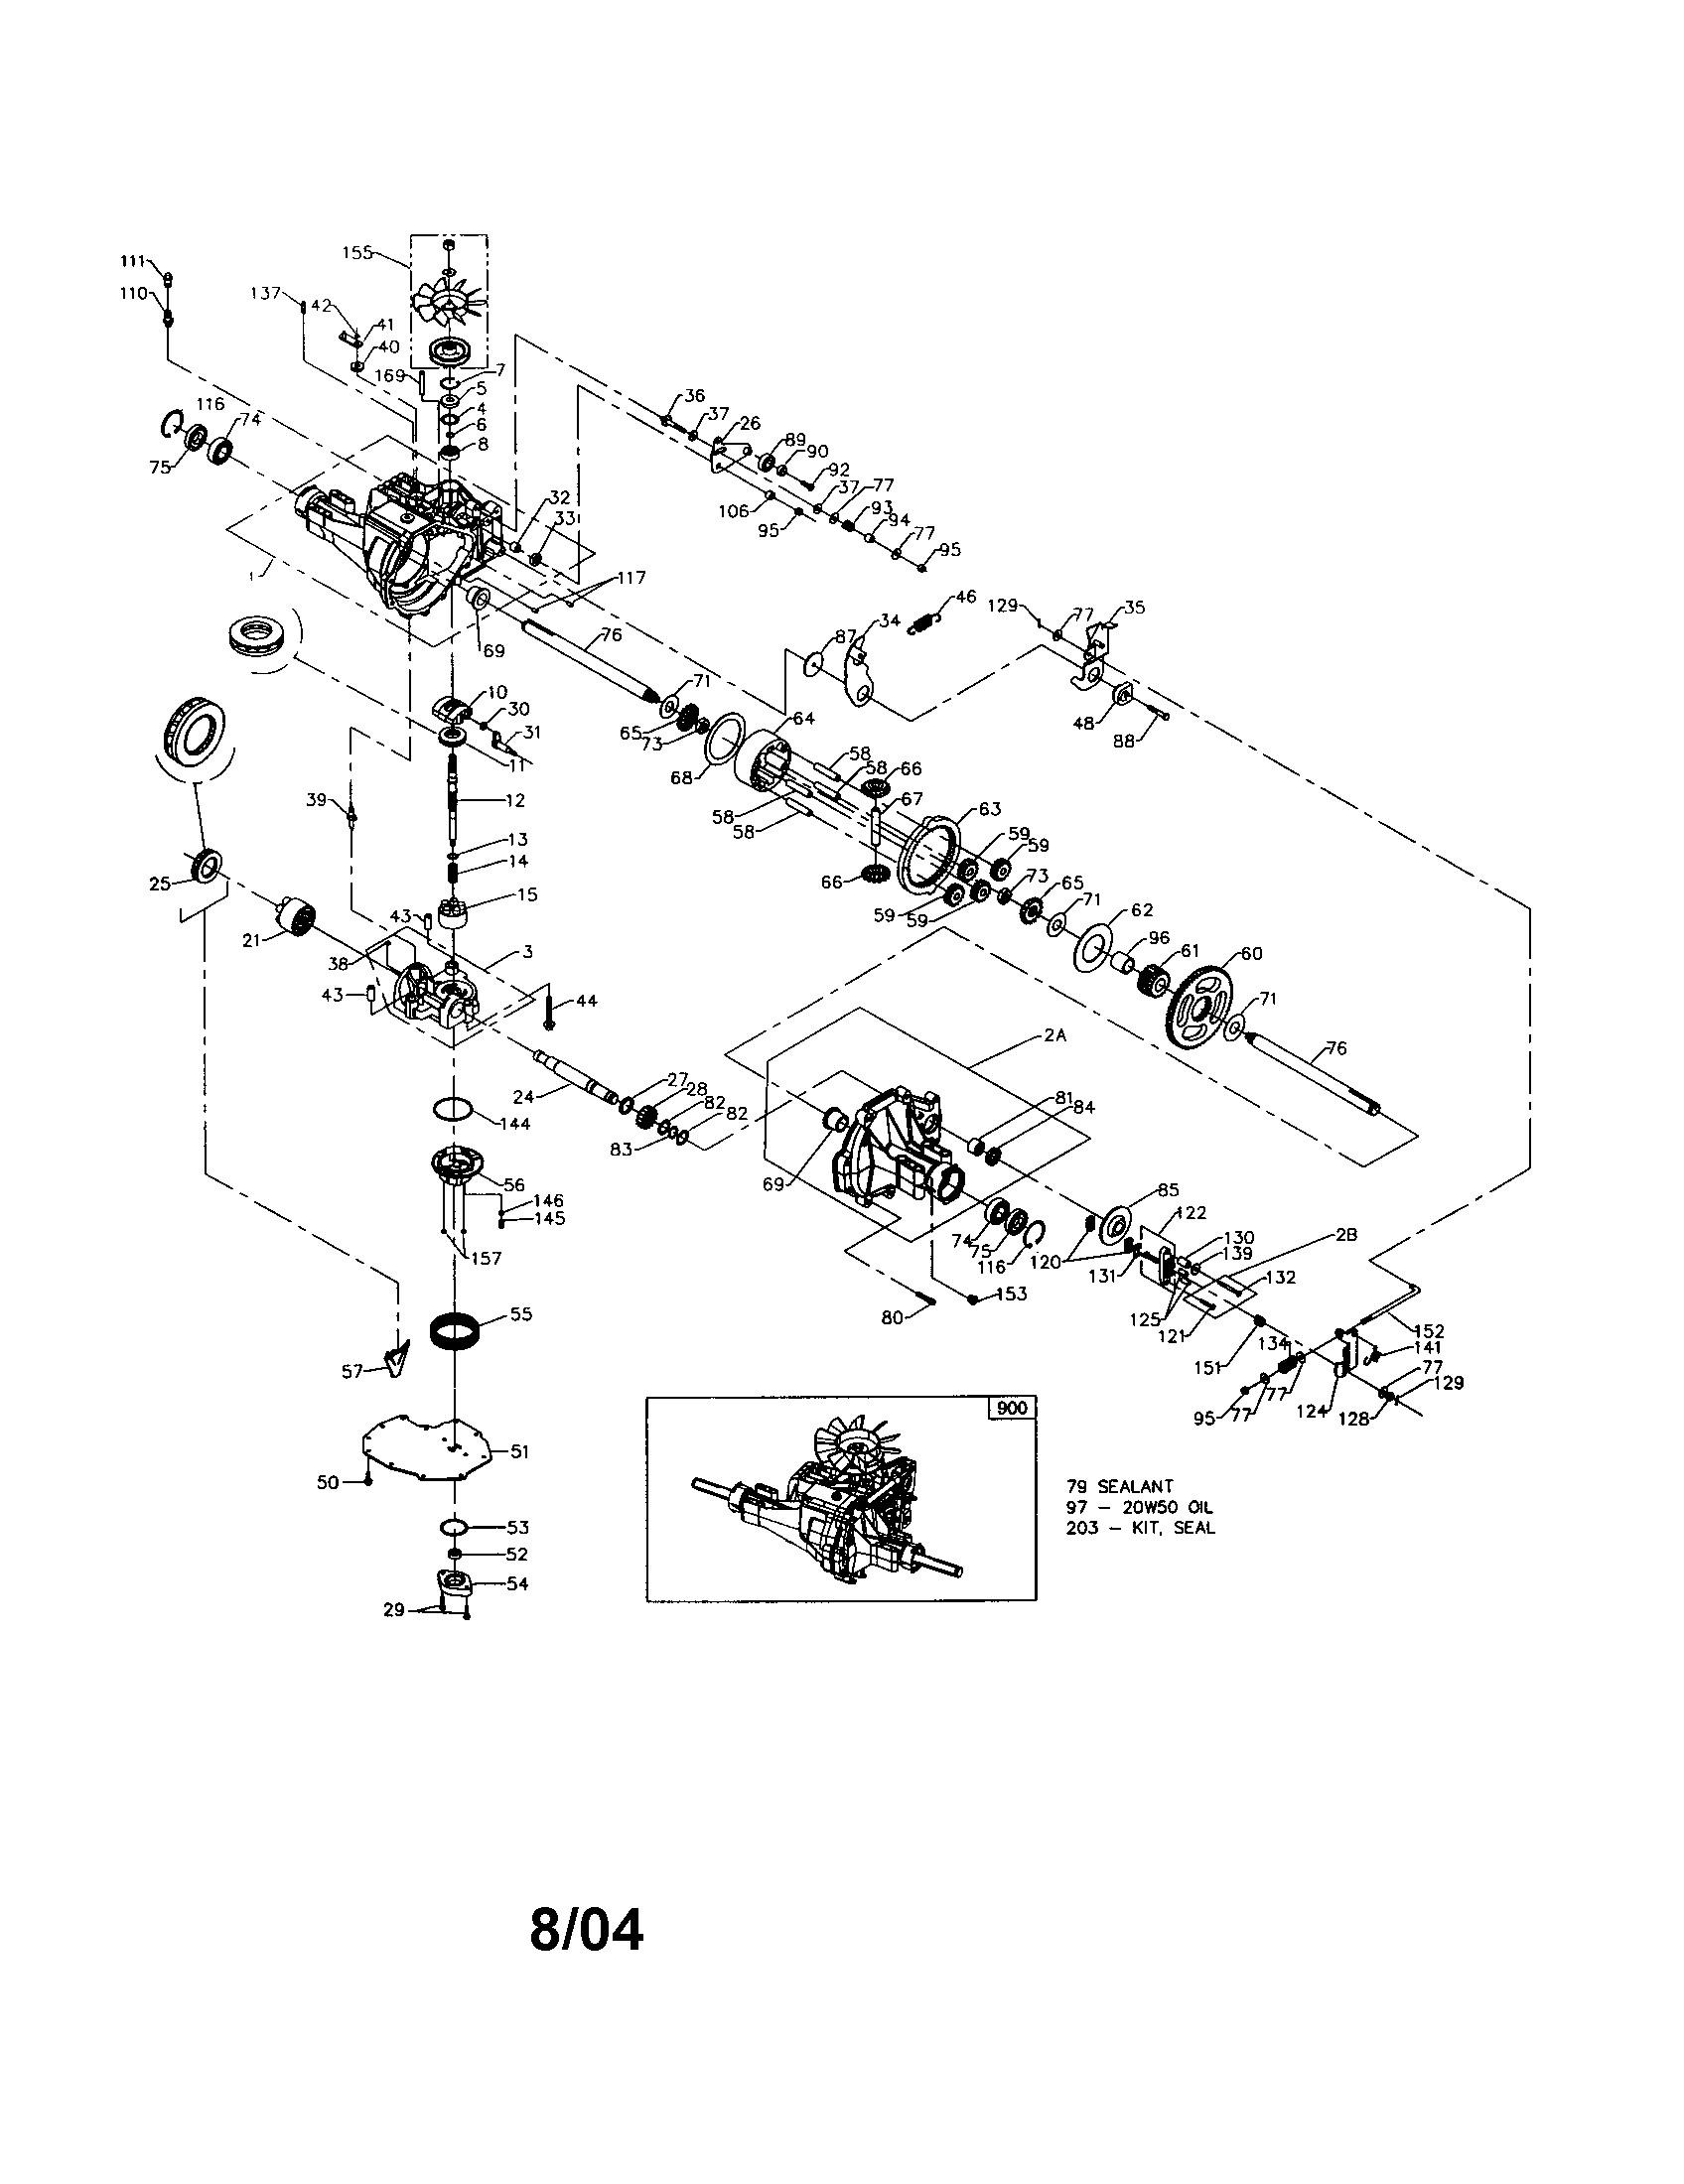 Craftsman Gt 5000 Parts Diagram 917 Craftsman Garden Tractor 26 Hp 54 Inch Mower Automatic Of Craftsman Gt 5000 Parts Diagram